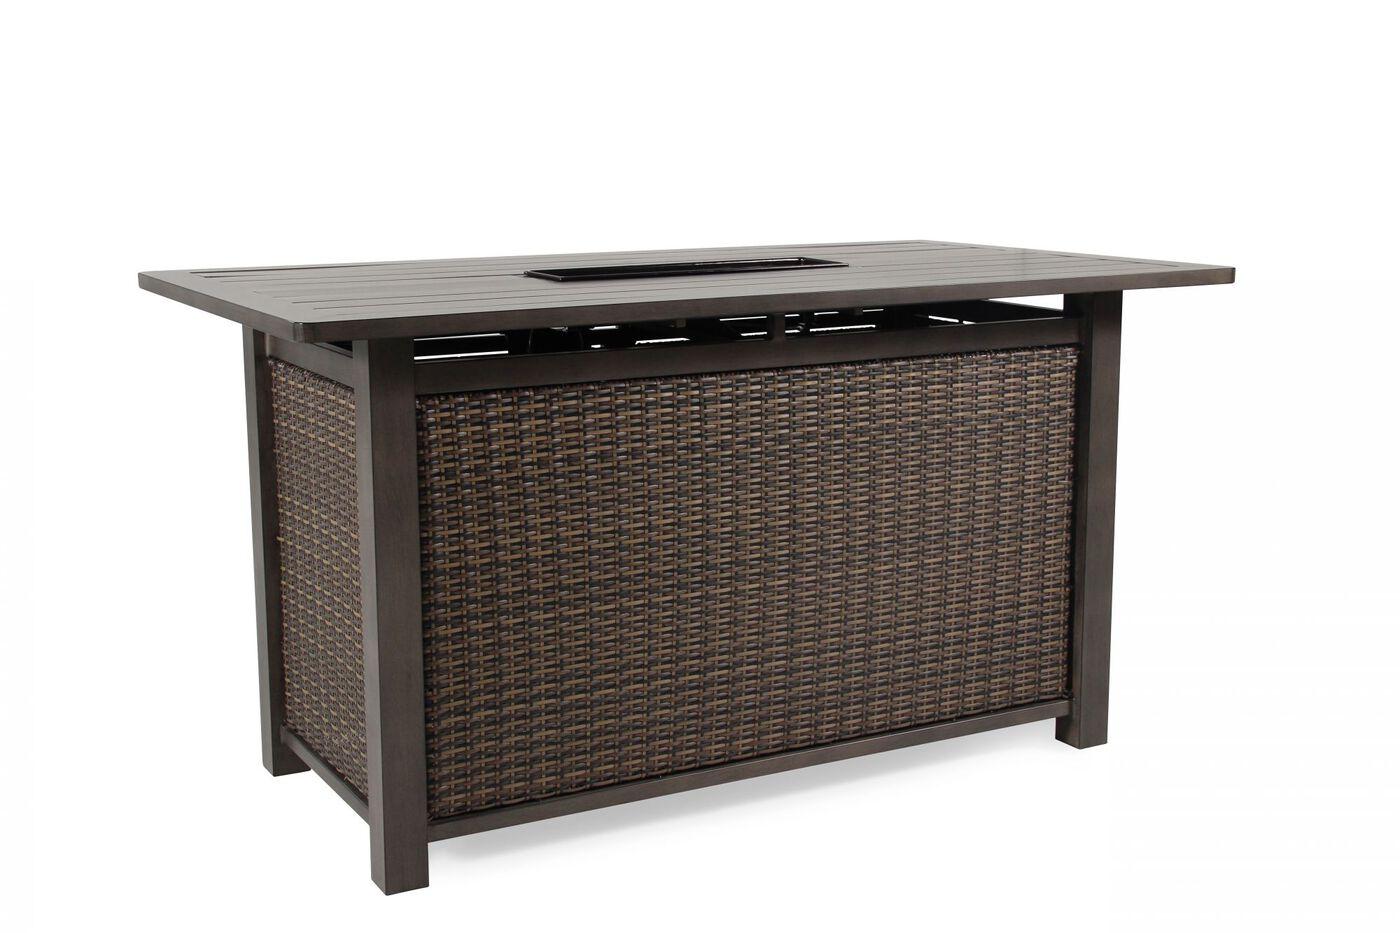 Rectangular contemporary bar height fire table in brown mathis rectangular contemporary bar height fire tablenbsp watchthetrailerfo